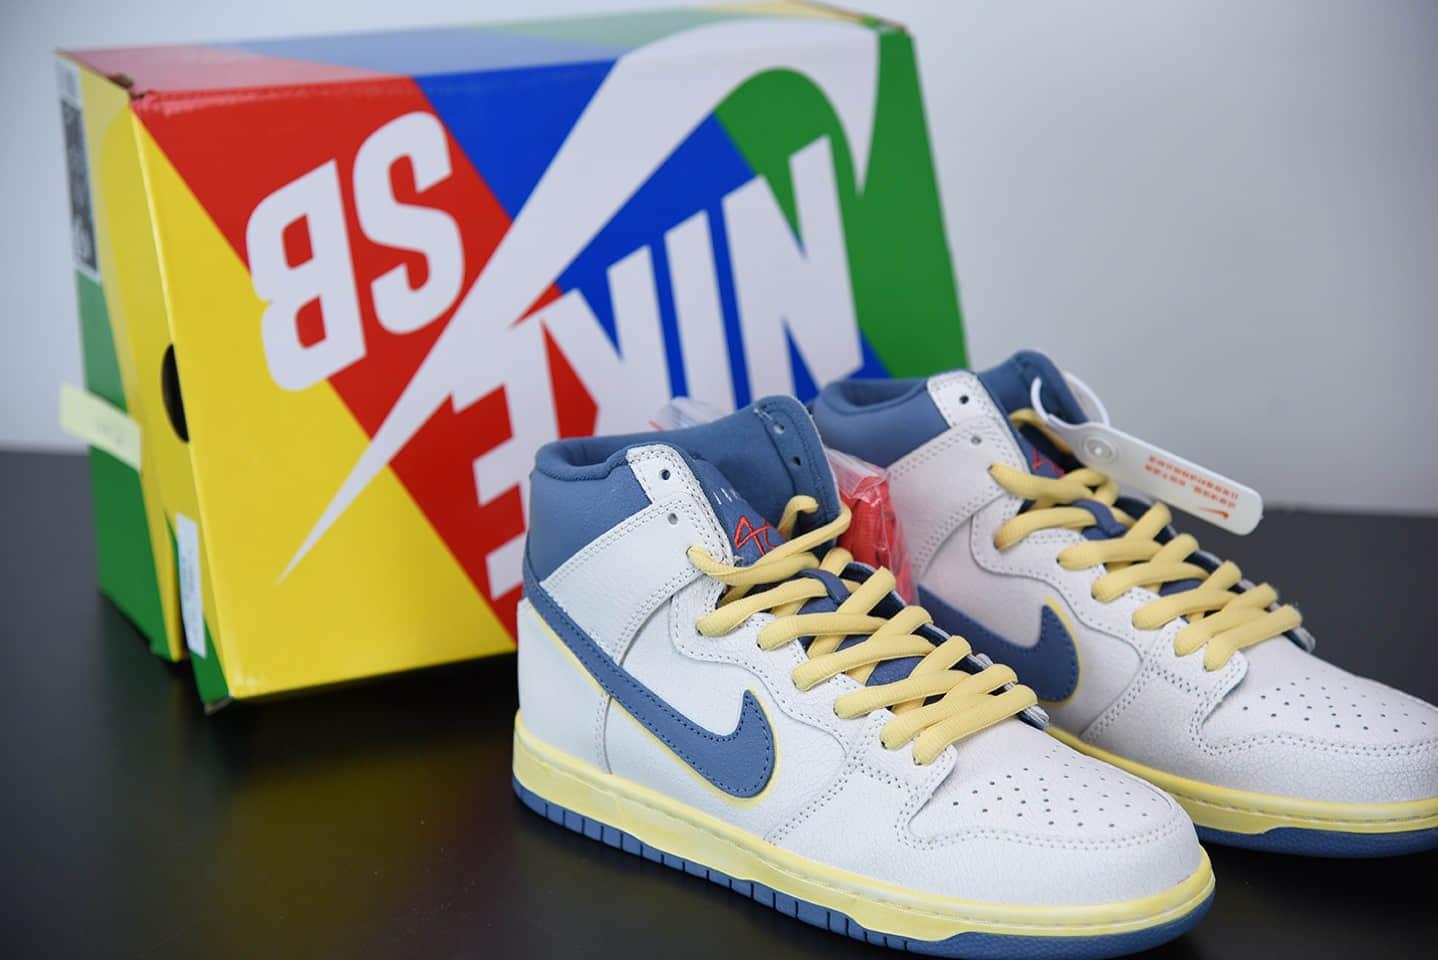 """耐克tlas x Nike Dunk SB High""""Lost at Sea""""迷失海洋阿特拉斯联名扣篮系列复古高帮休闲运动滑板板鞋纯原版本 货号:CZ3334-100"""